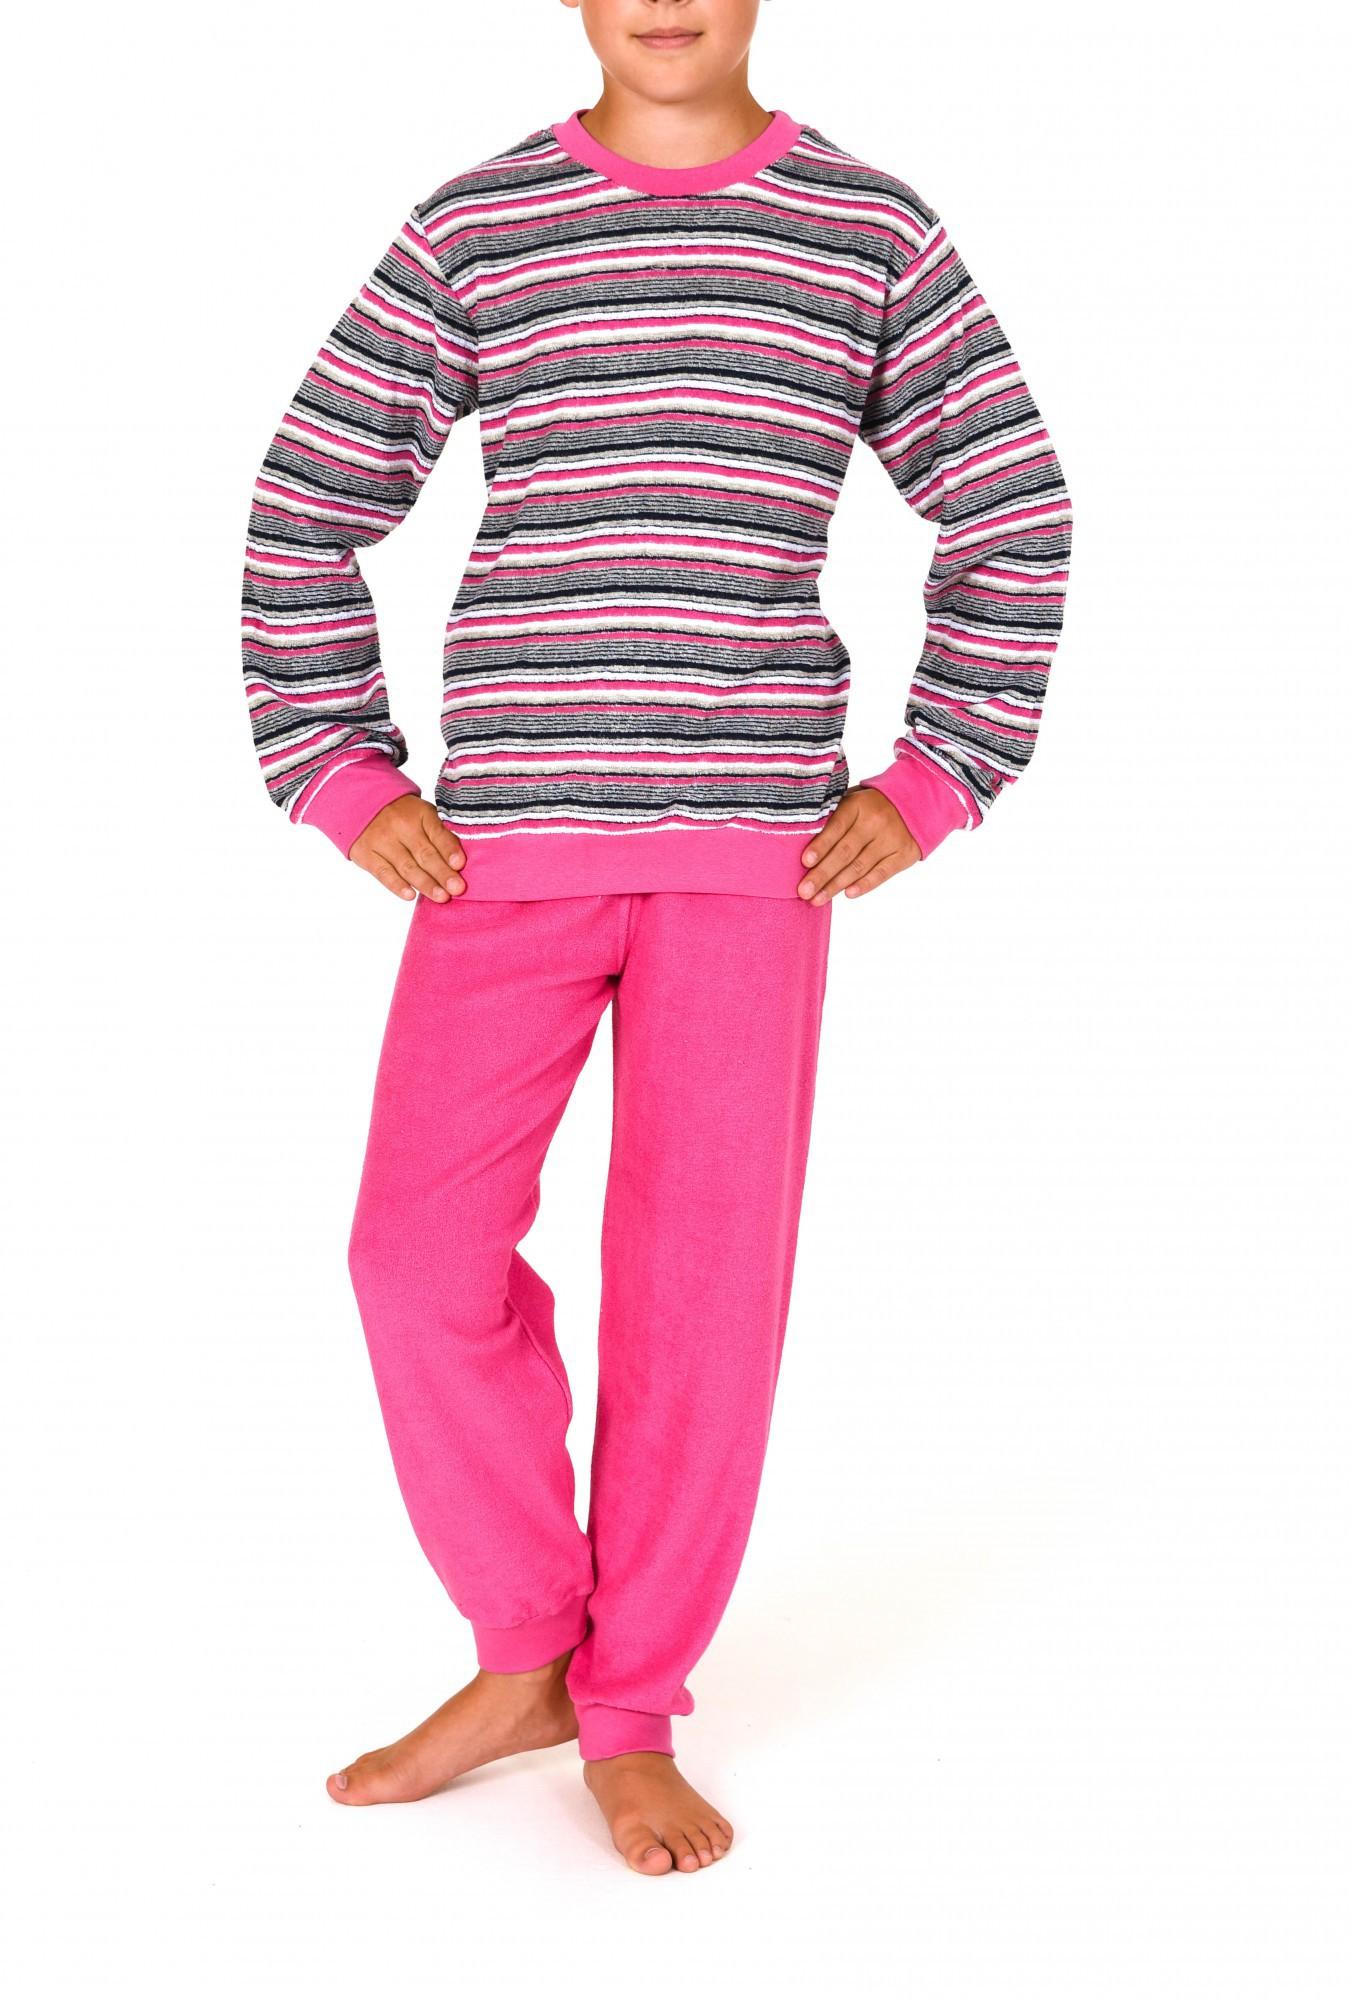 Mädchen Frottee Pyjama lang mit Bündchen 53369 – Bild 1